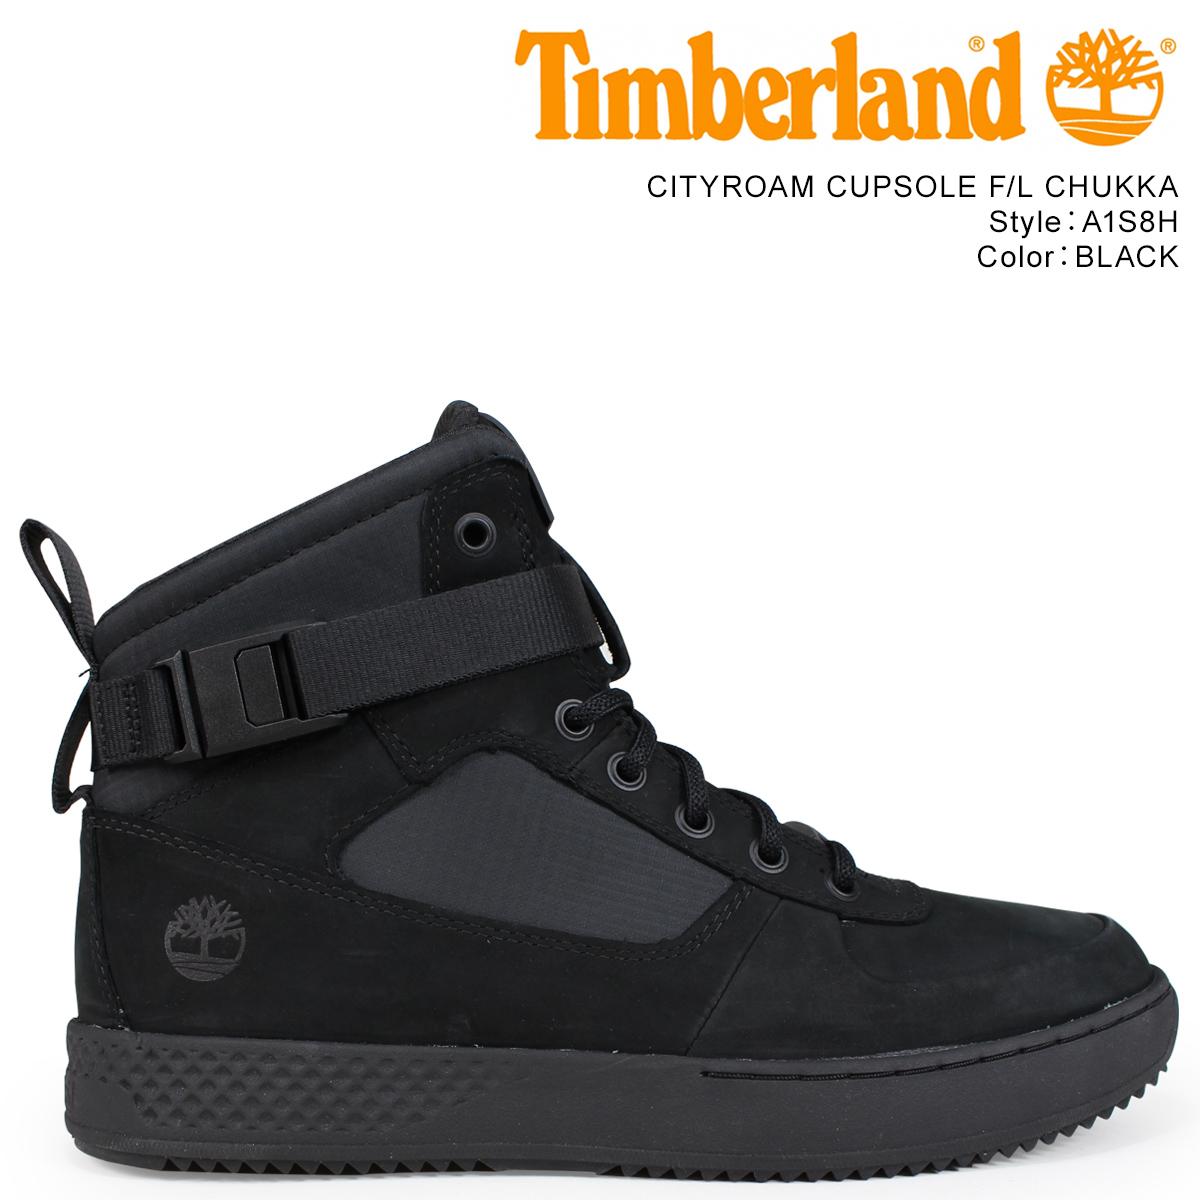 Timberland スニーカー ブーツ メンズ ティンバーランド CITYROAM CUPSOLE FL CHUKKA A1S8H Wワイズ ブラック